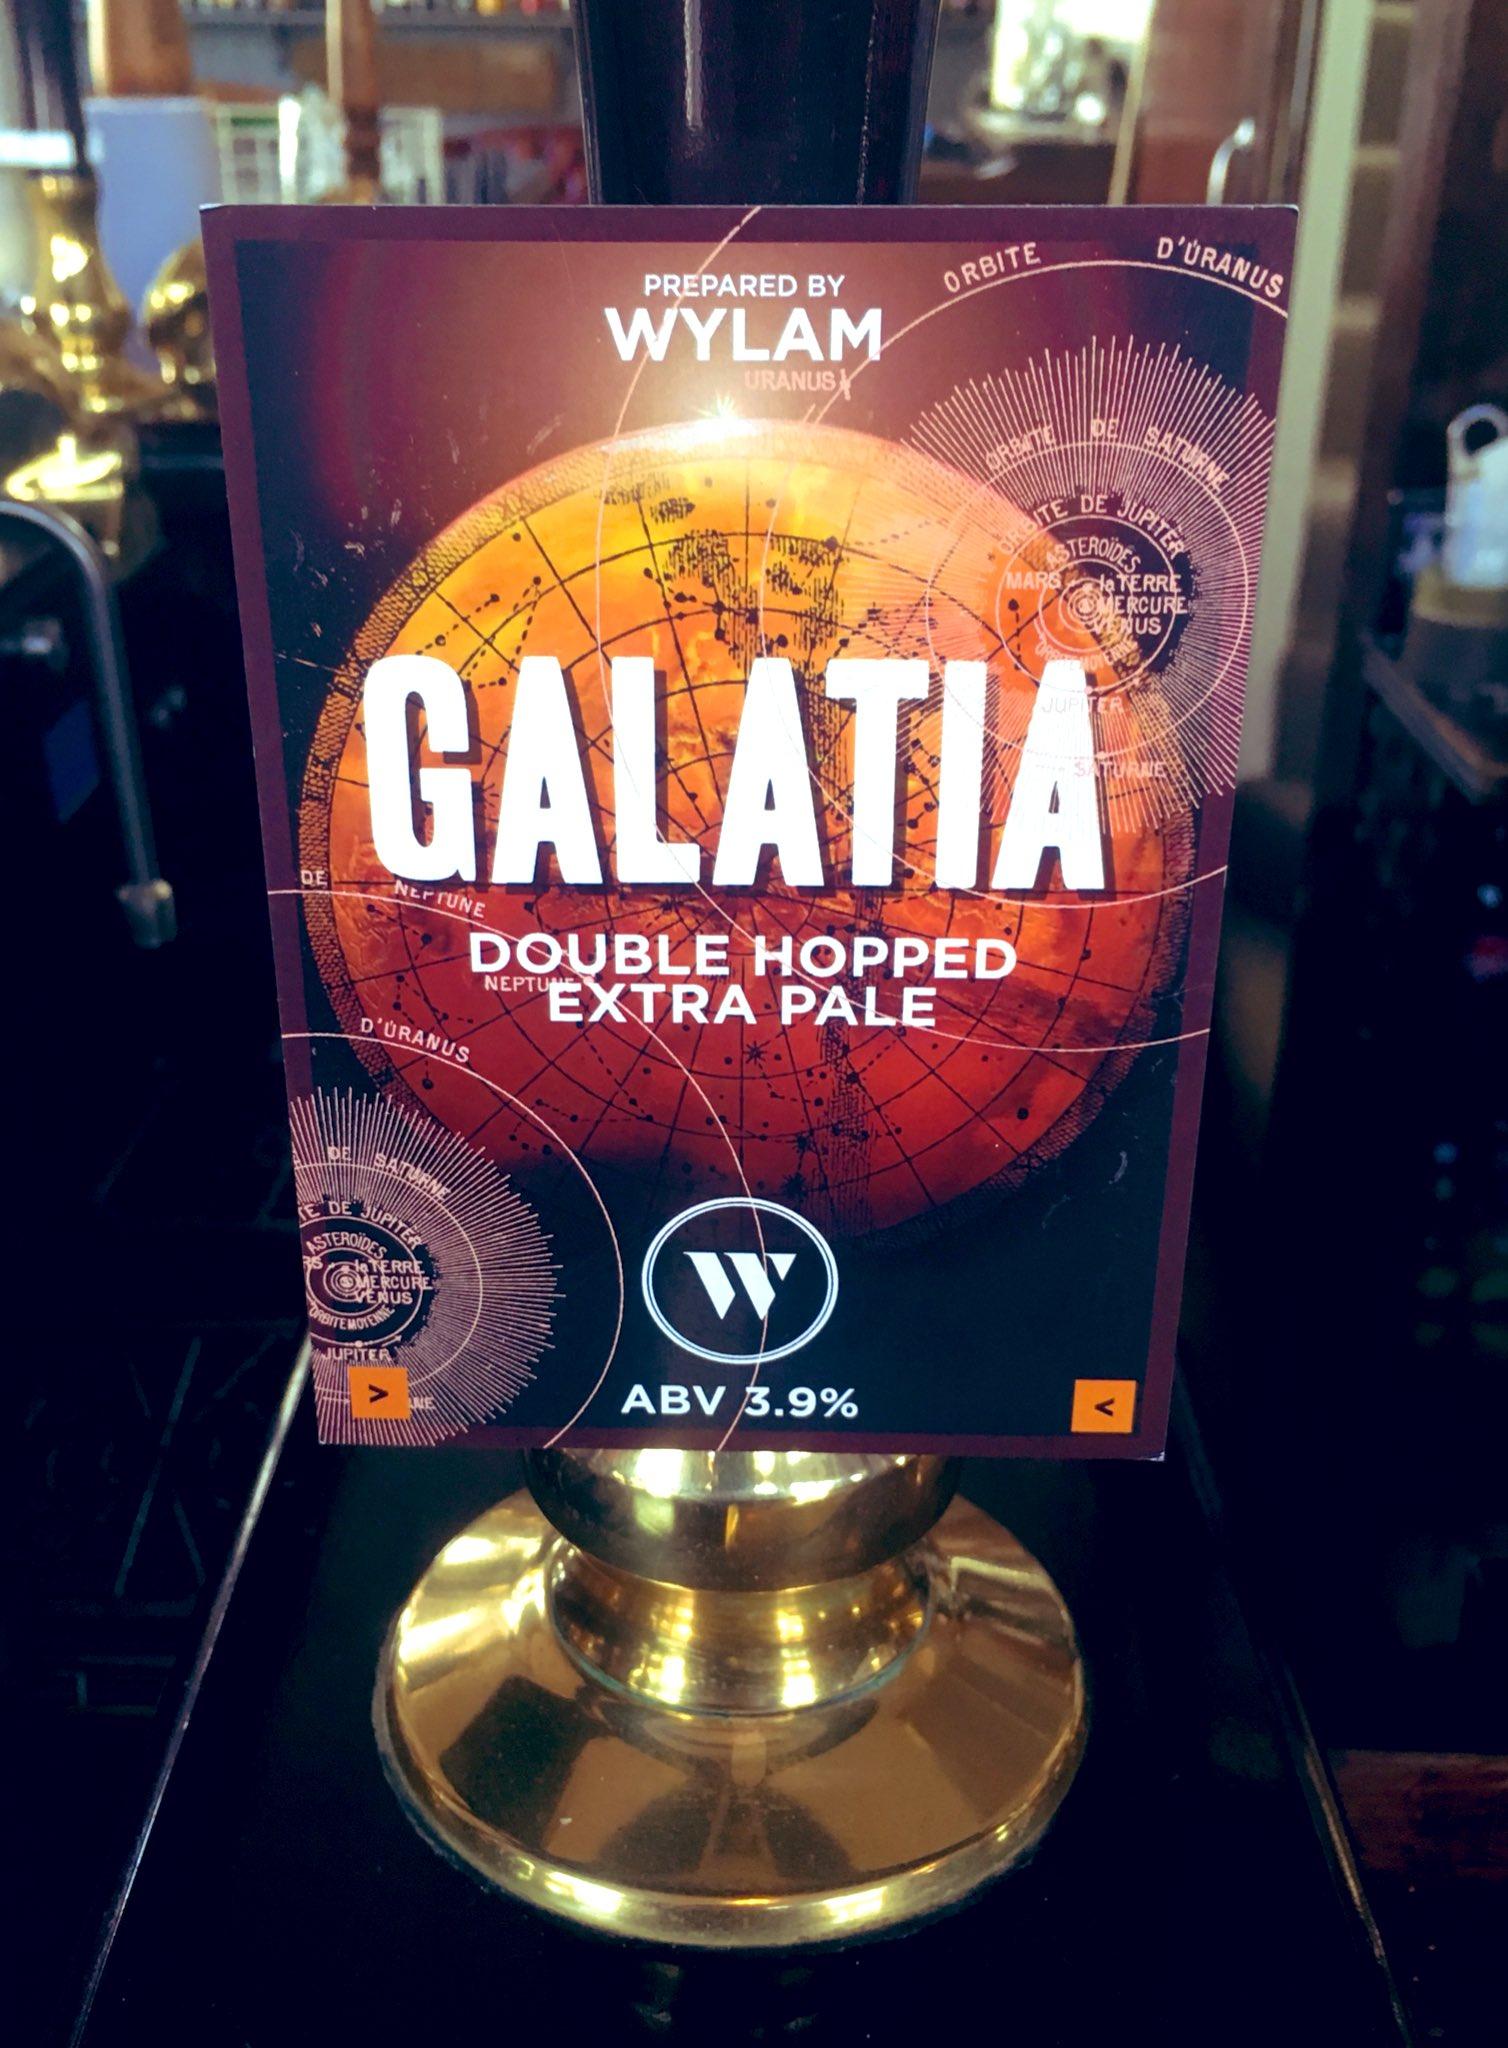 225: Galatia